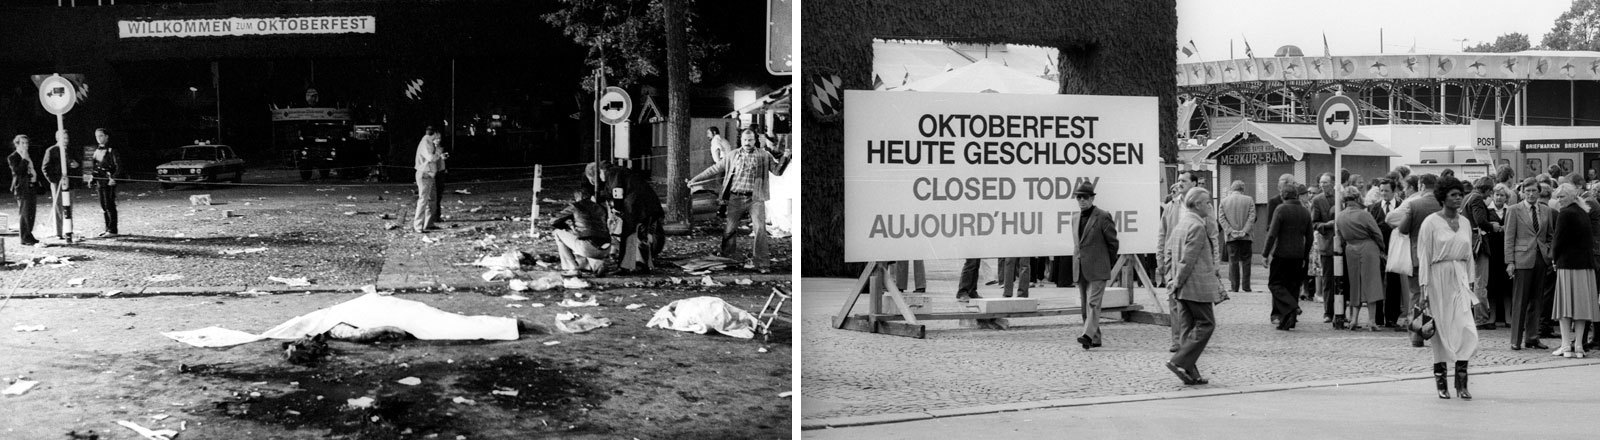 Anschlag auf das Oktoberfest im Jahr 1980.